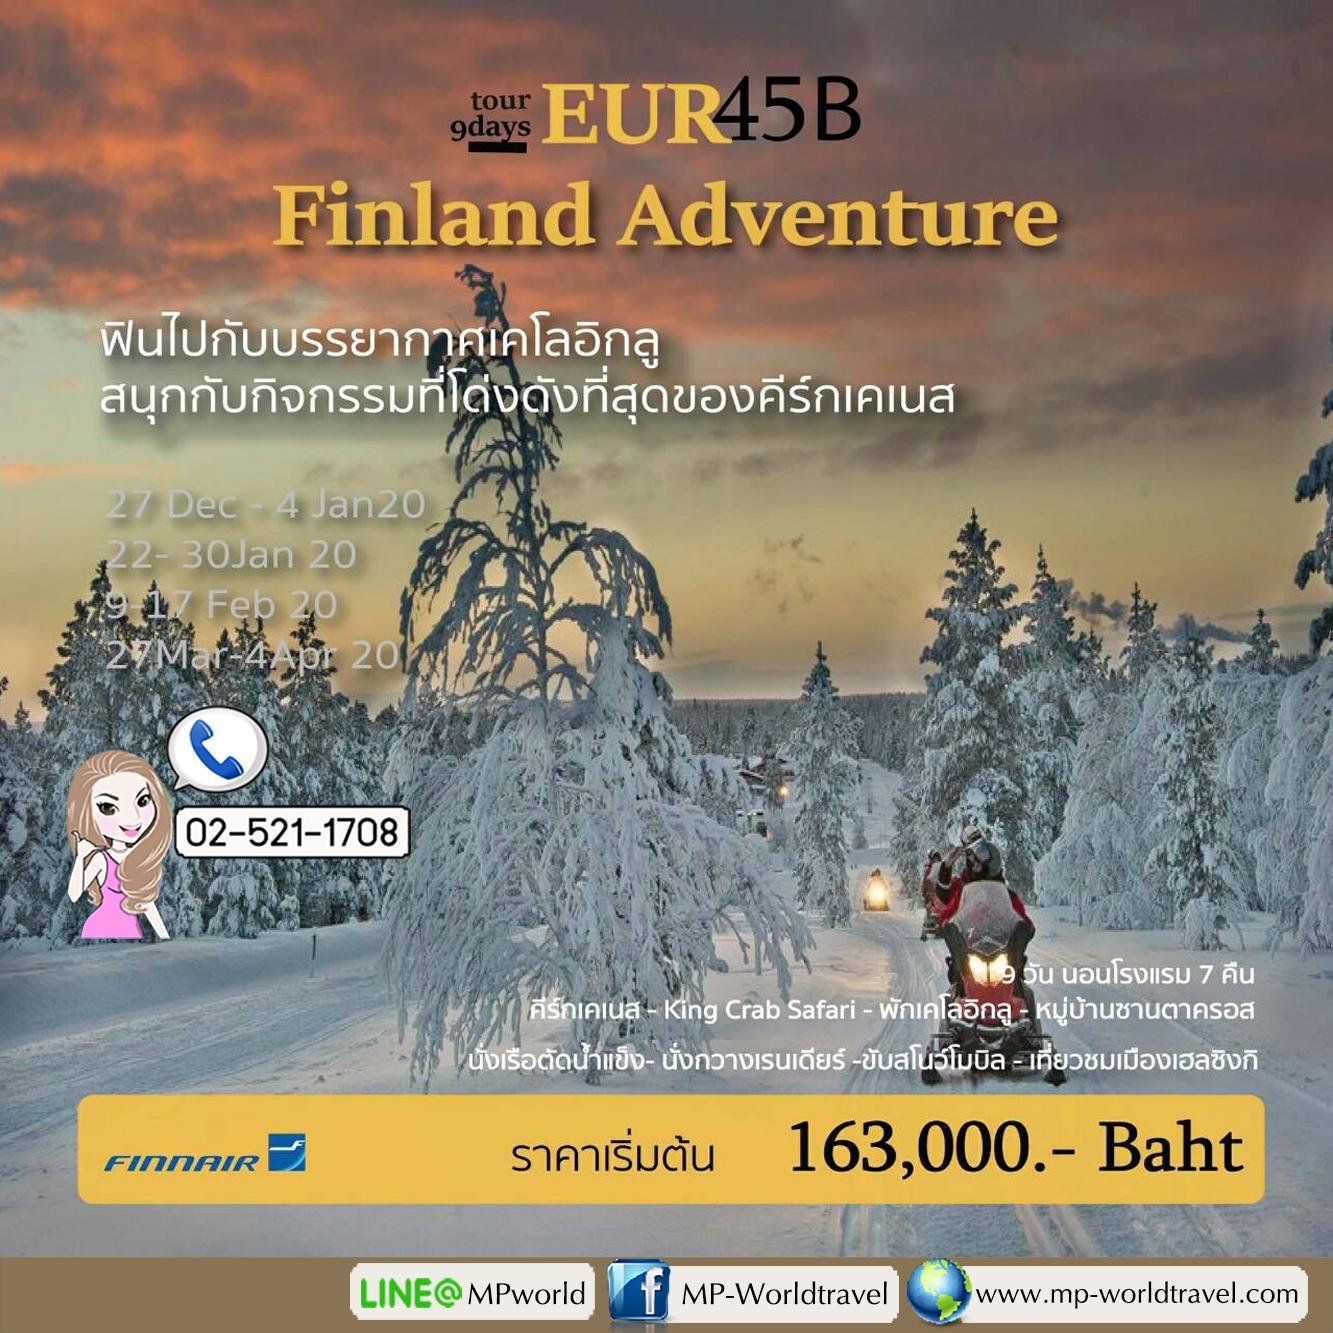 ทัวร์ยุโรป EUR45B Finland Adventure (Icebreaker) 9D 7N AY (New Year-Mar'20)